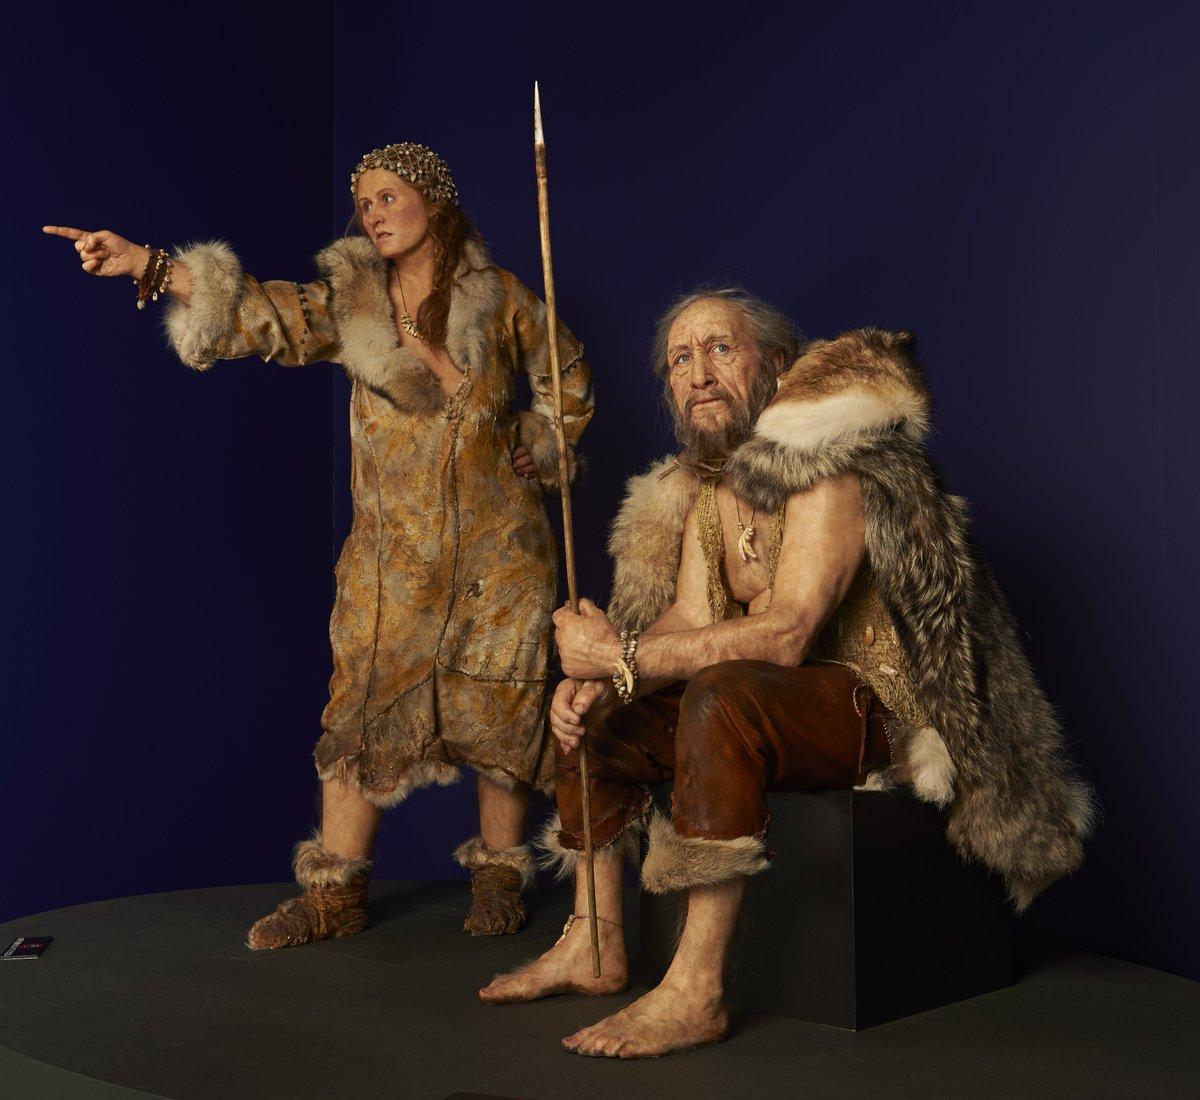 """世界遺産 ラスコー展 auf Twitter: """"クロマニョン人頭骨(レプリカ)は、ラスコー洞窟から20kmほど離れたクロマニョン岩陰で1868年に発見された男性の頭骨です。そこから「クロマニョン人」という名に。クロマニョン、クロ・マニョン、マニョンのクロ・・・実は「マニョンさんの家の敷地内の岩陰」で見つかったことが由来だとか。… https://t.co/F61CXsg1QQ"""""""